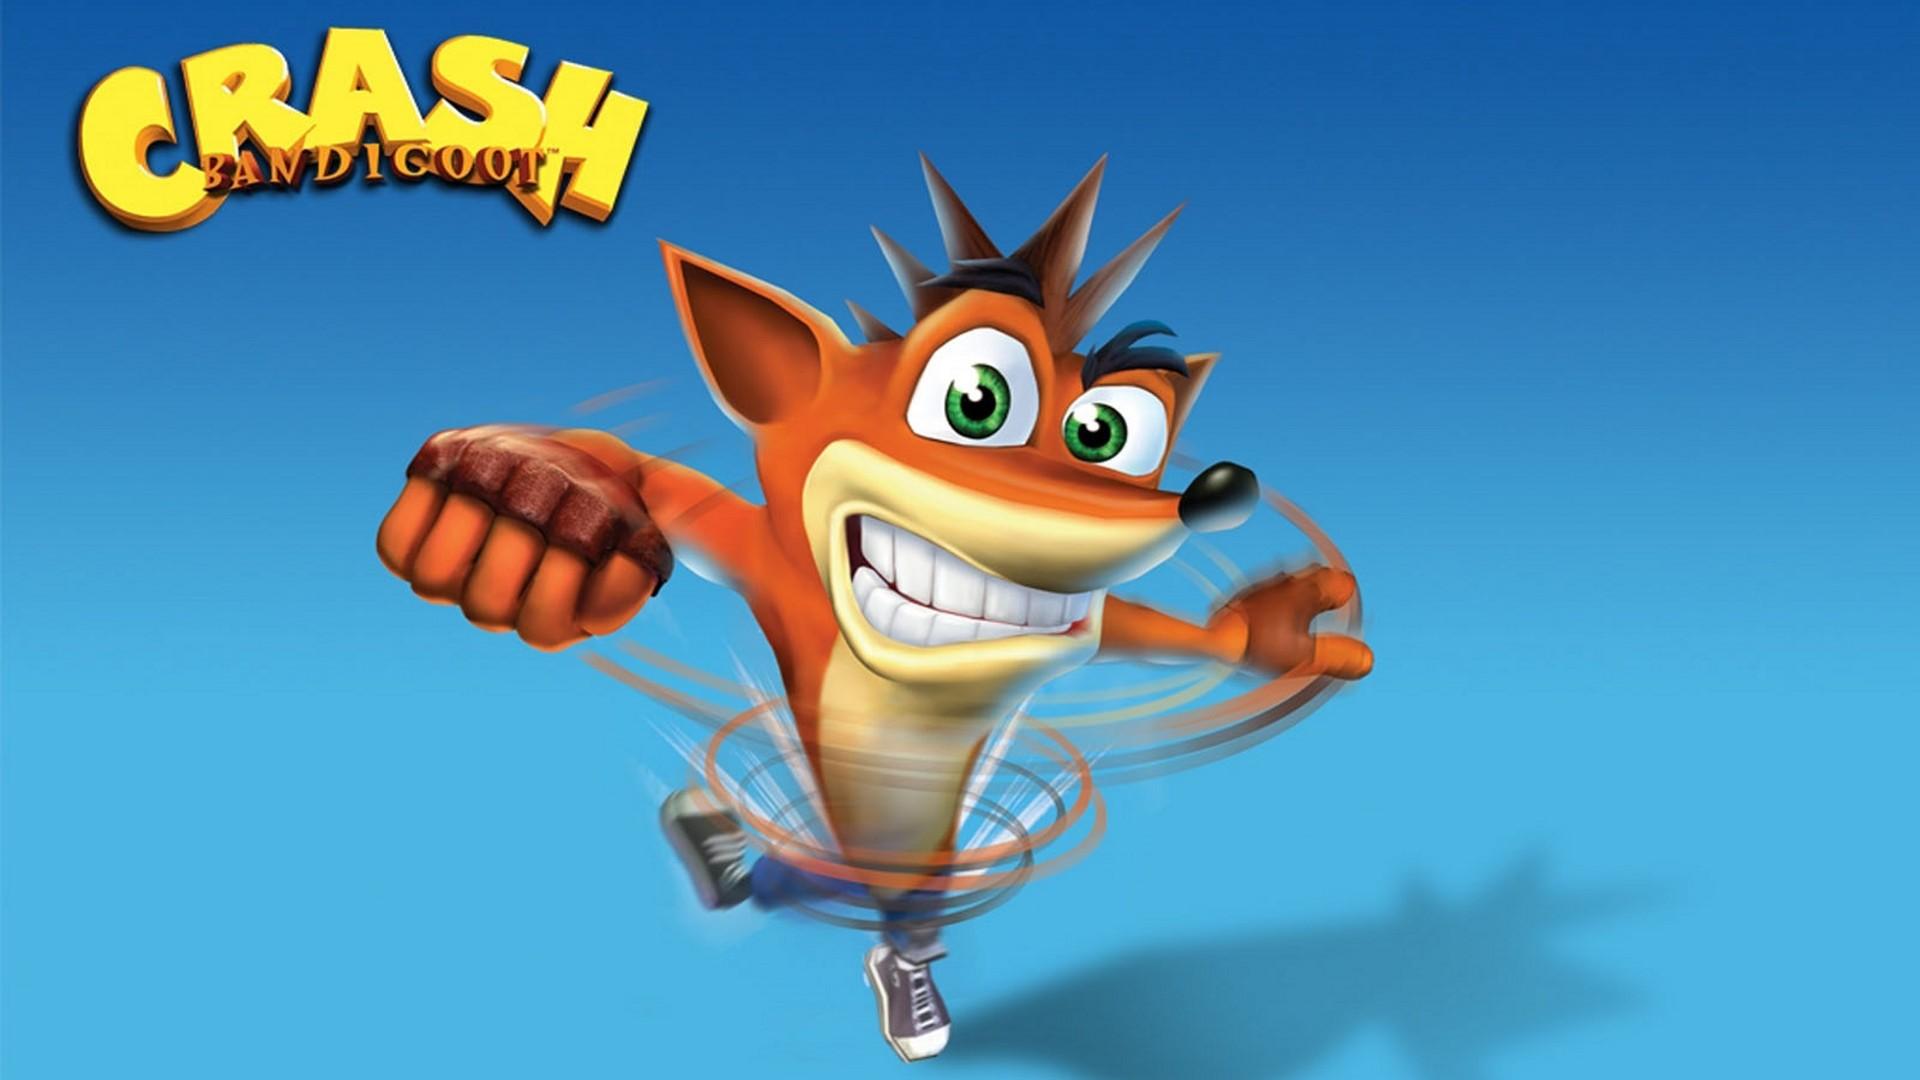 Crash Bandicoot HD Wallpaper